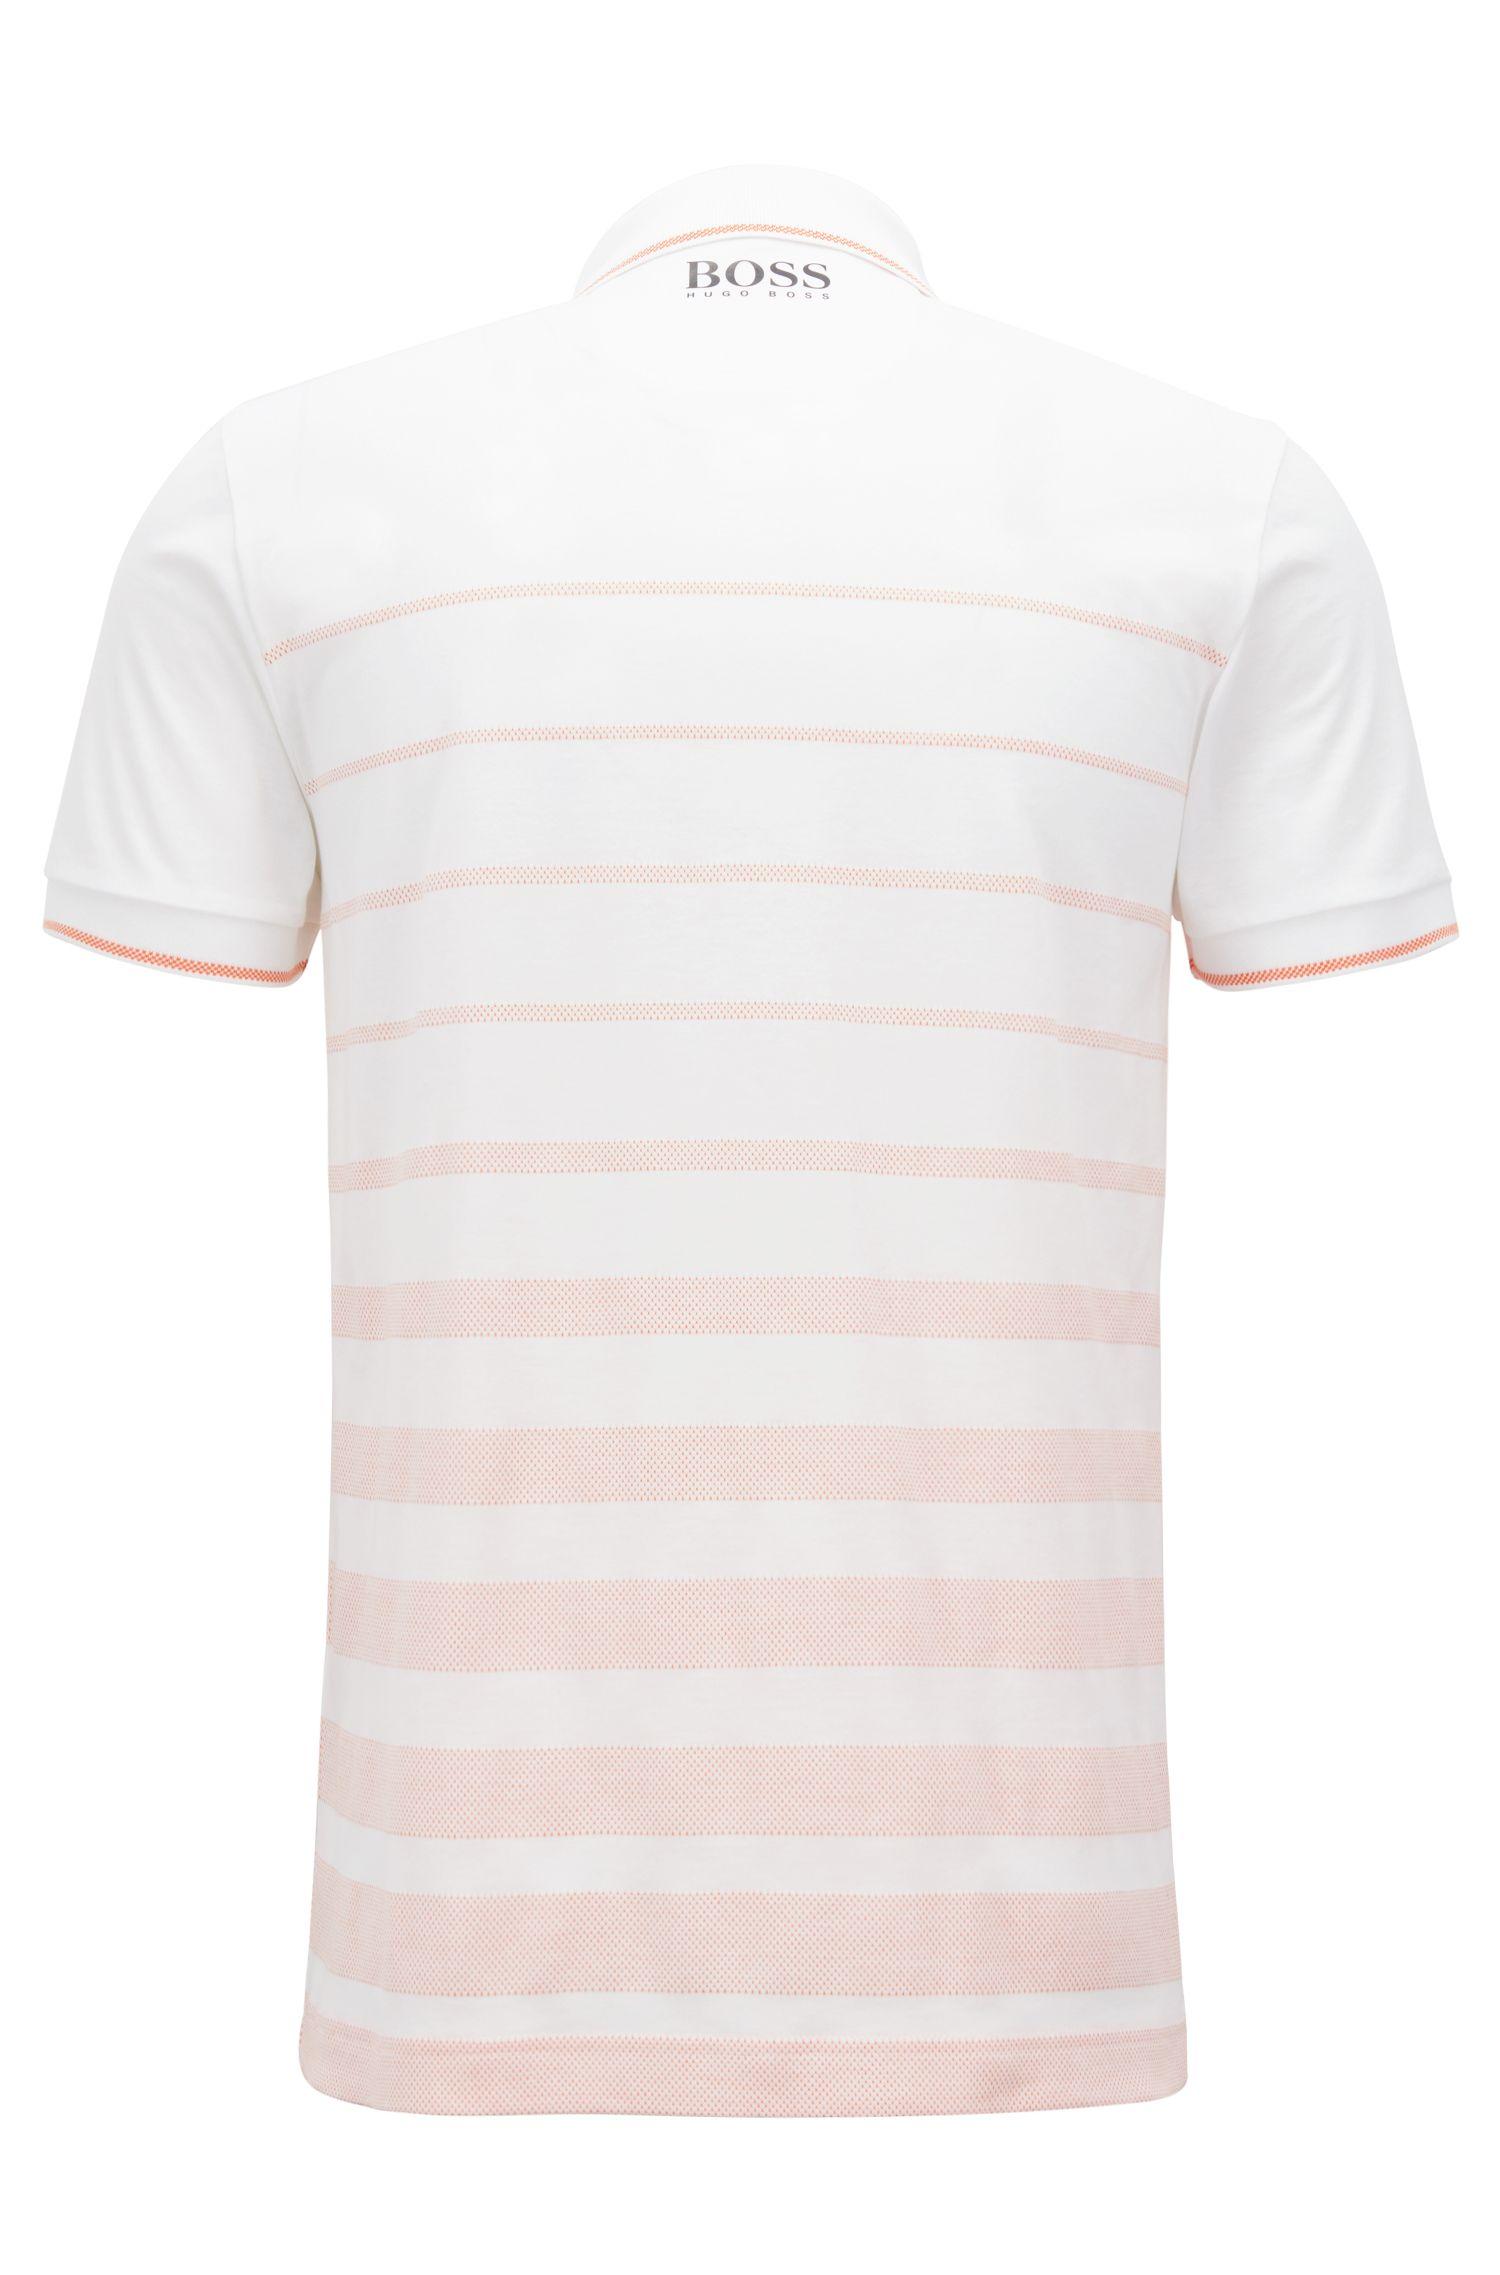 Poloshirt aus feuchtigkeitsregulierendem Baumwoll-Jacquard, Orange